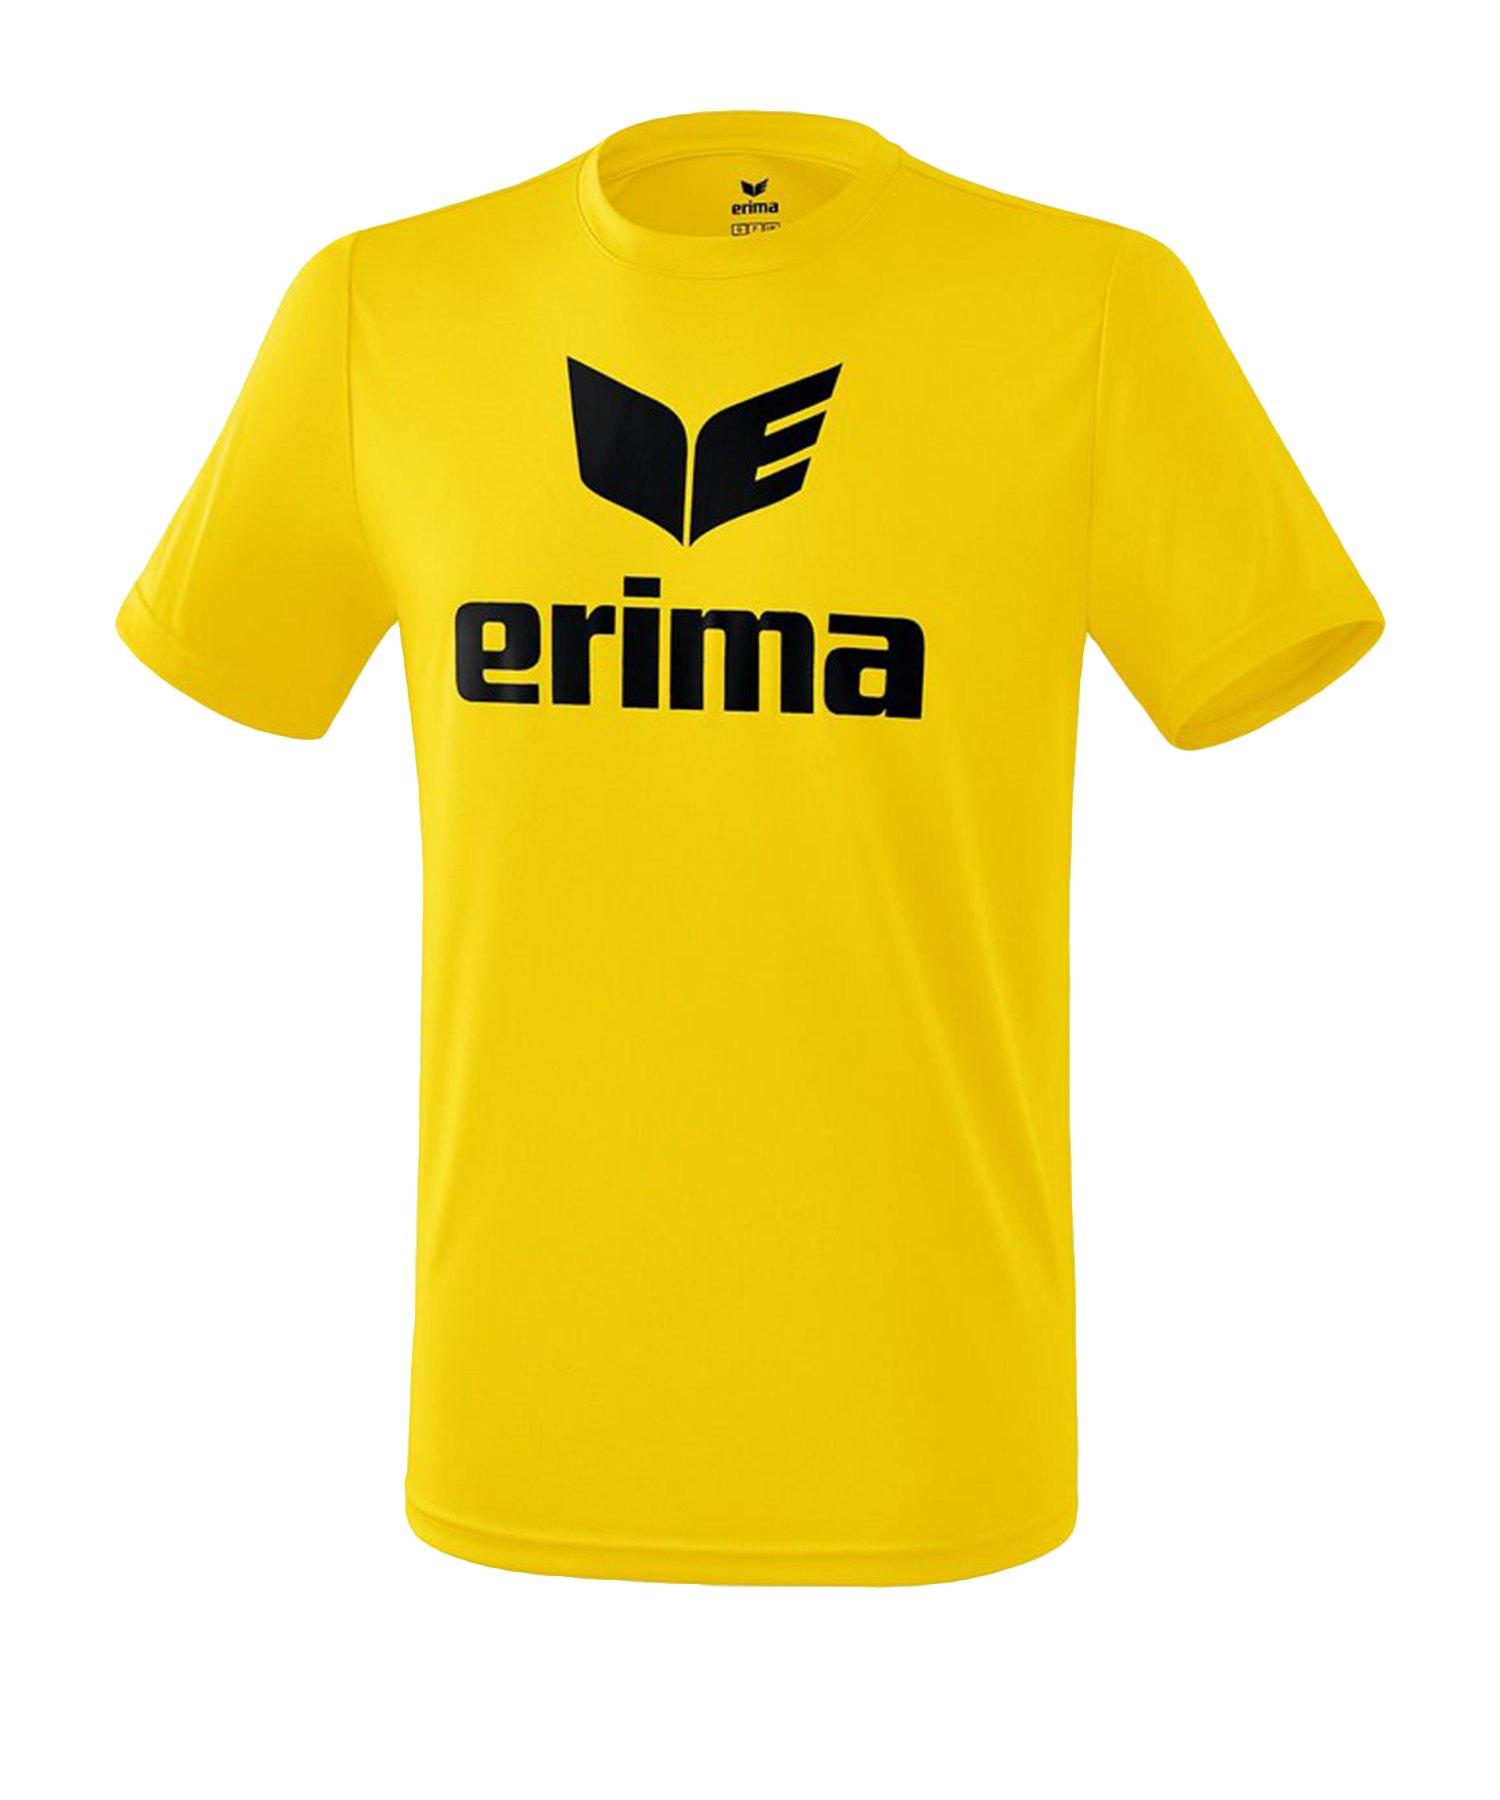 Erima Funktions Promo T-Shirt Kids Gelb Schwarz - Gelb